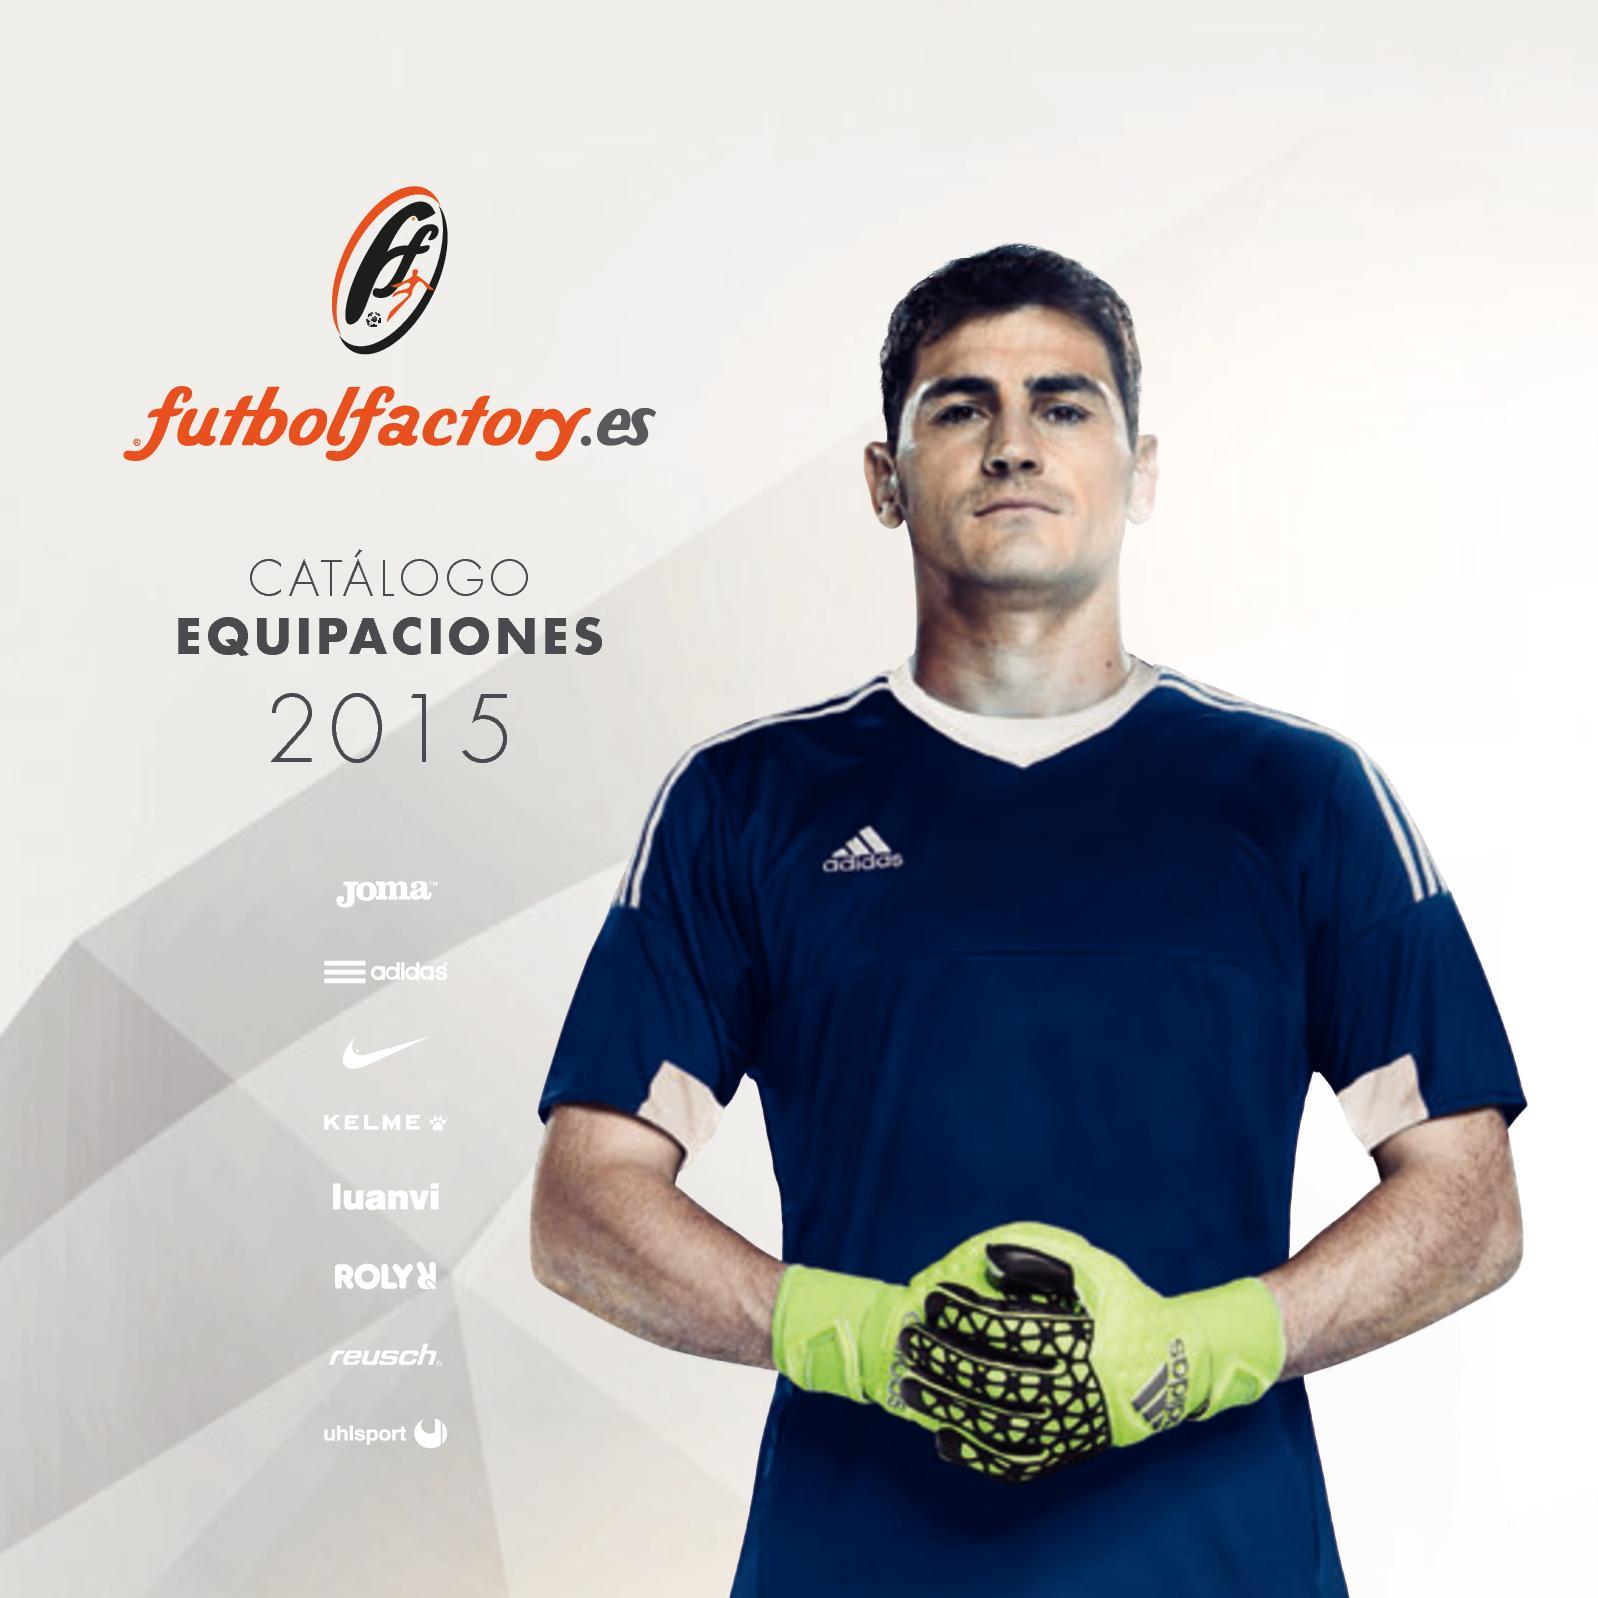 6d800c1f1b41f Calaméo - Catalogo Equipaciones 2015 Futbol Factory